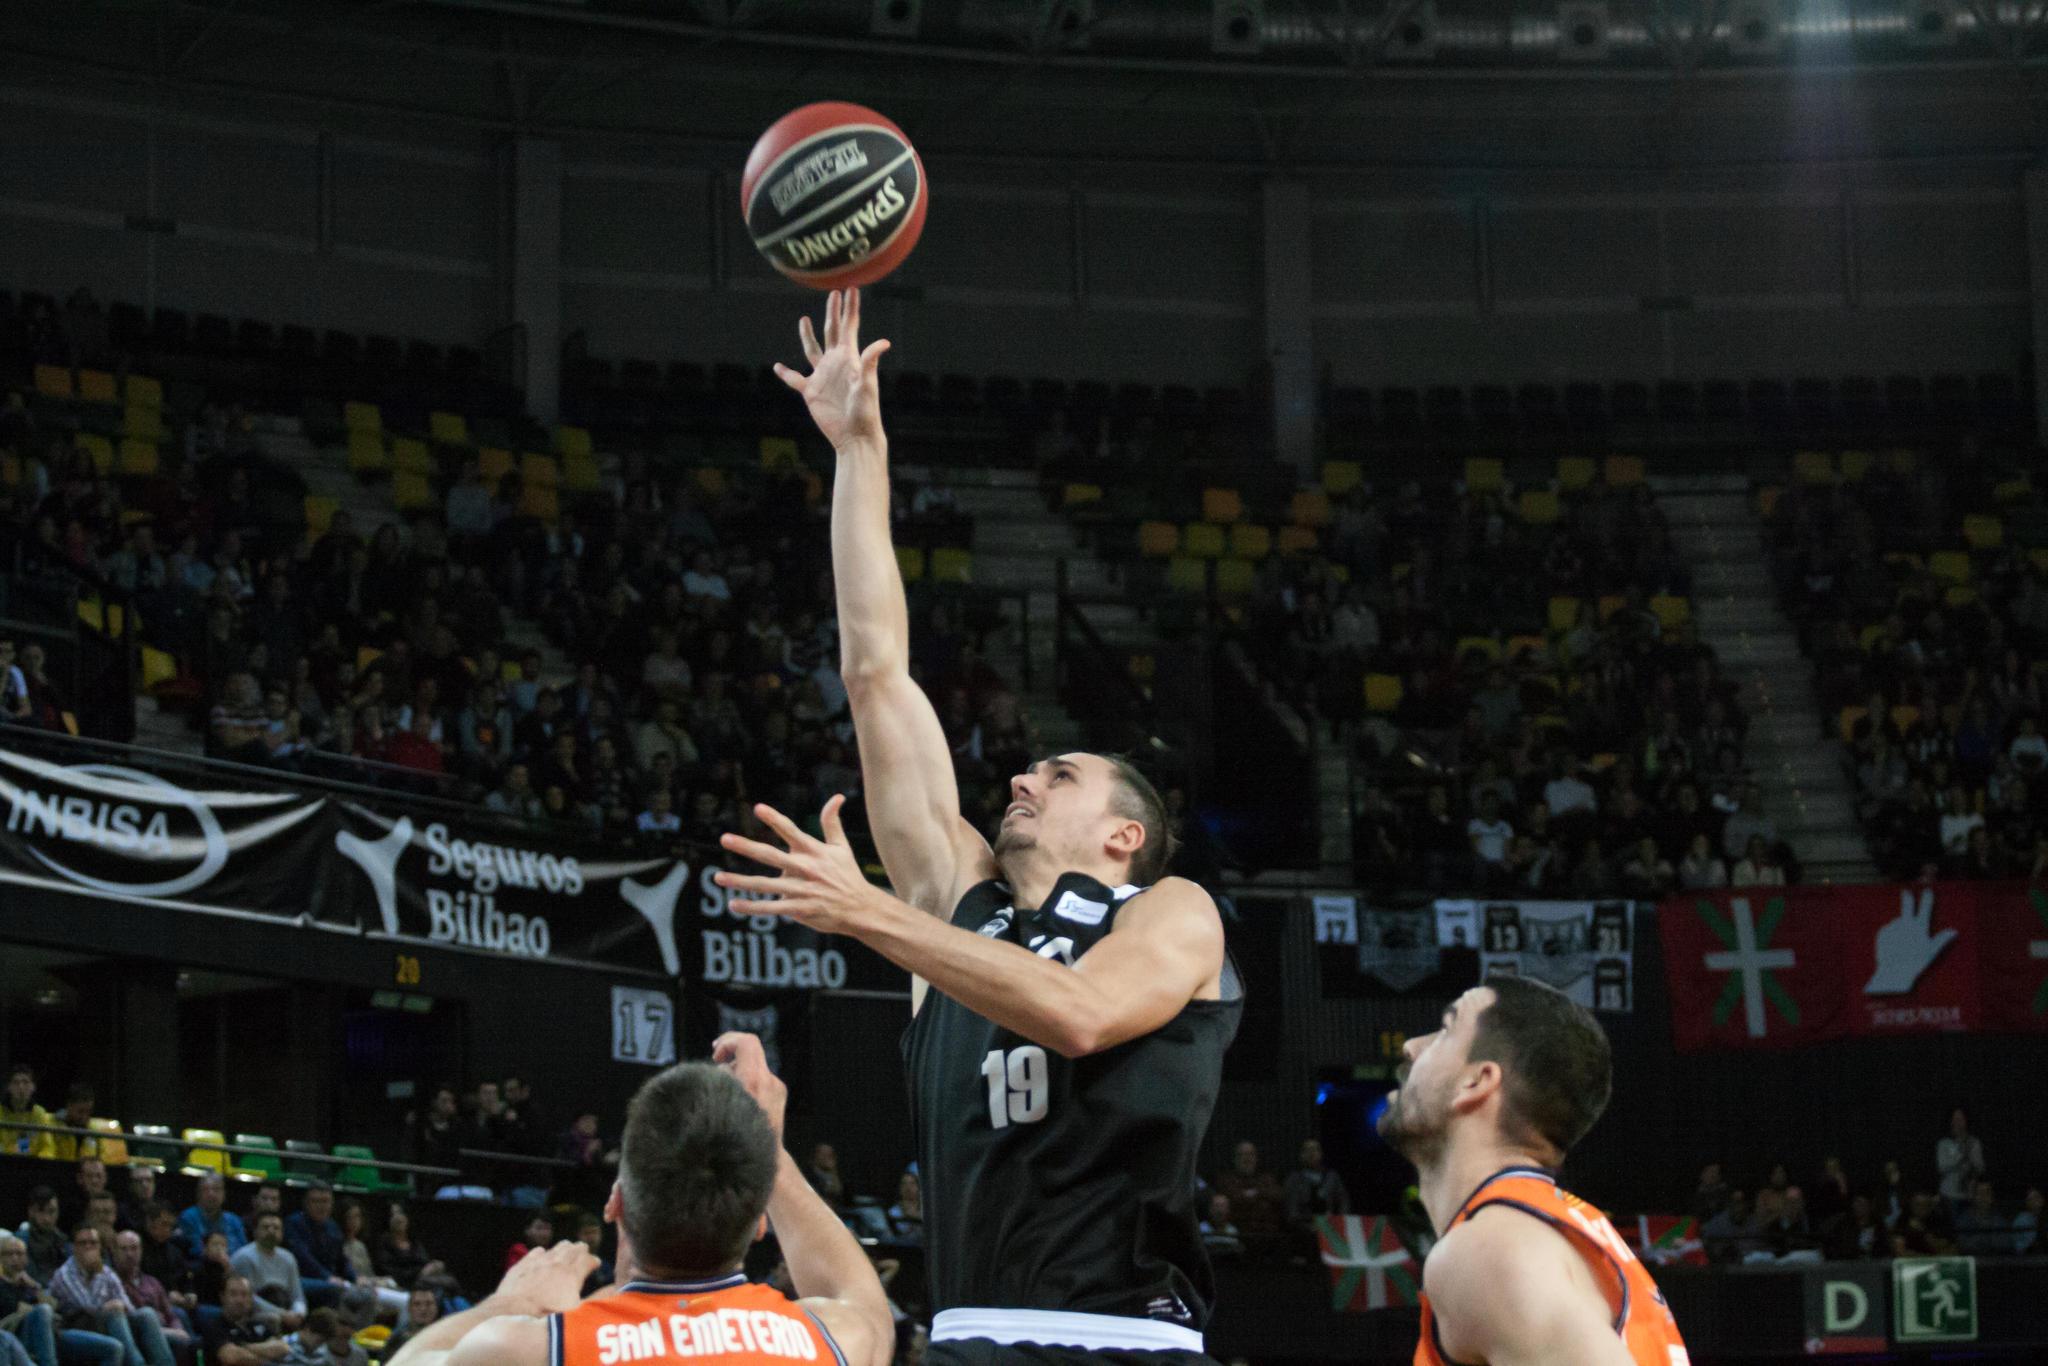 Tomas lanza sobre la defensa rival (Foto: Luis Fernando Boo).